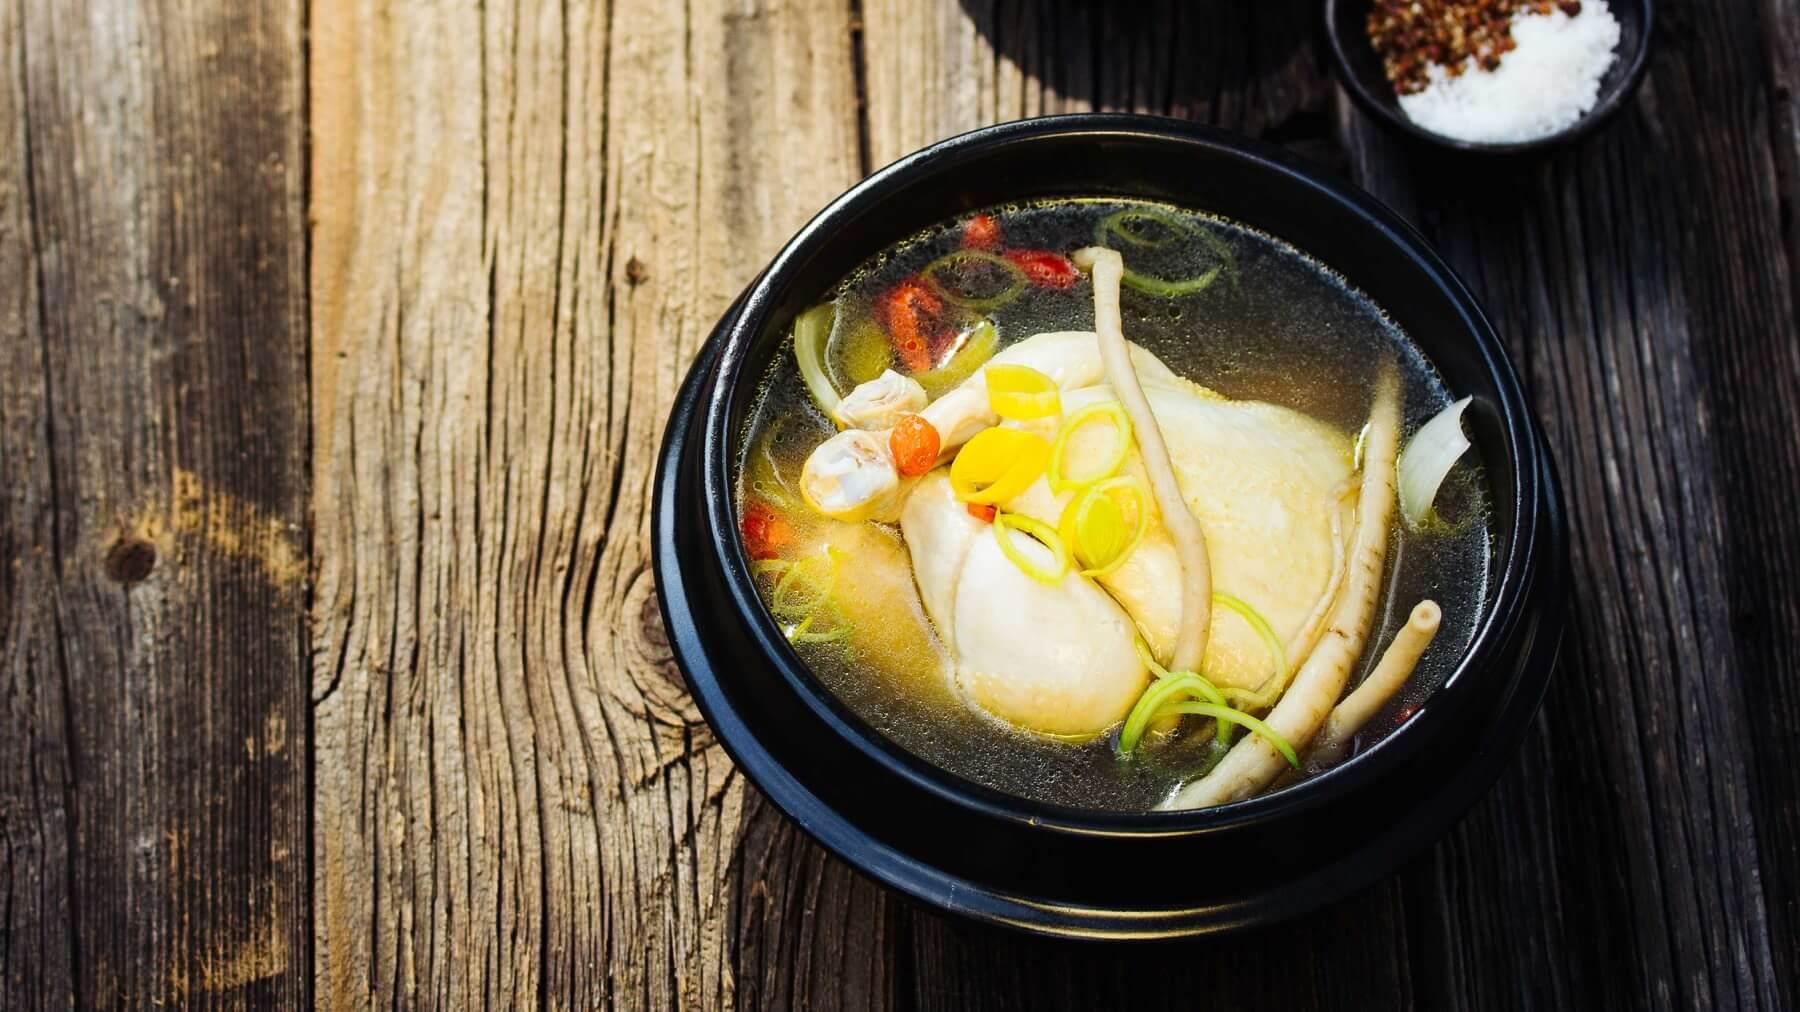 Koreanische Hühnersuppe mit Ginseng - Samgyetang